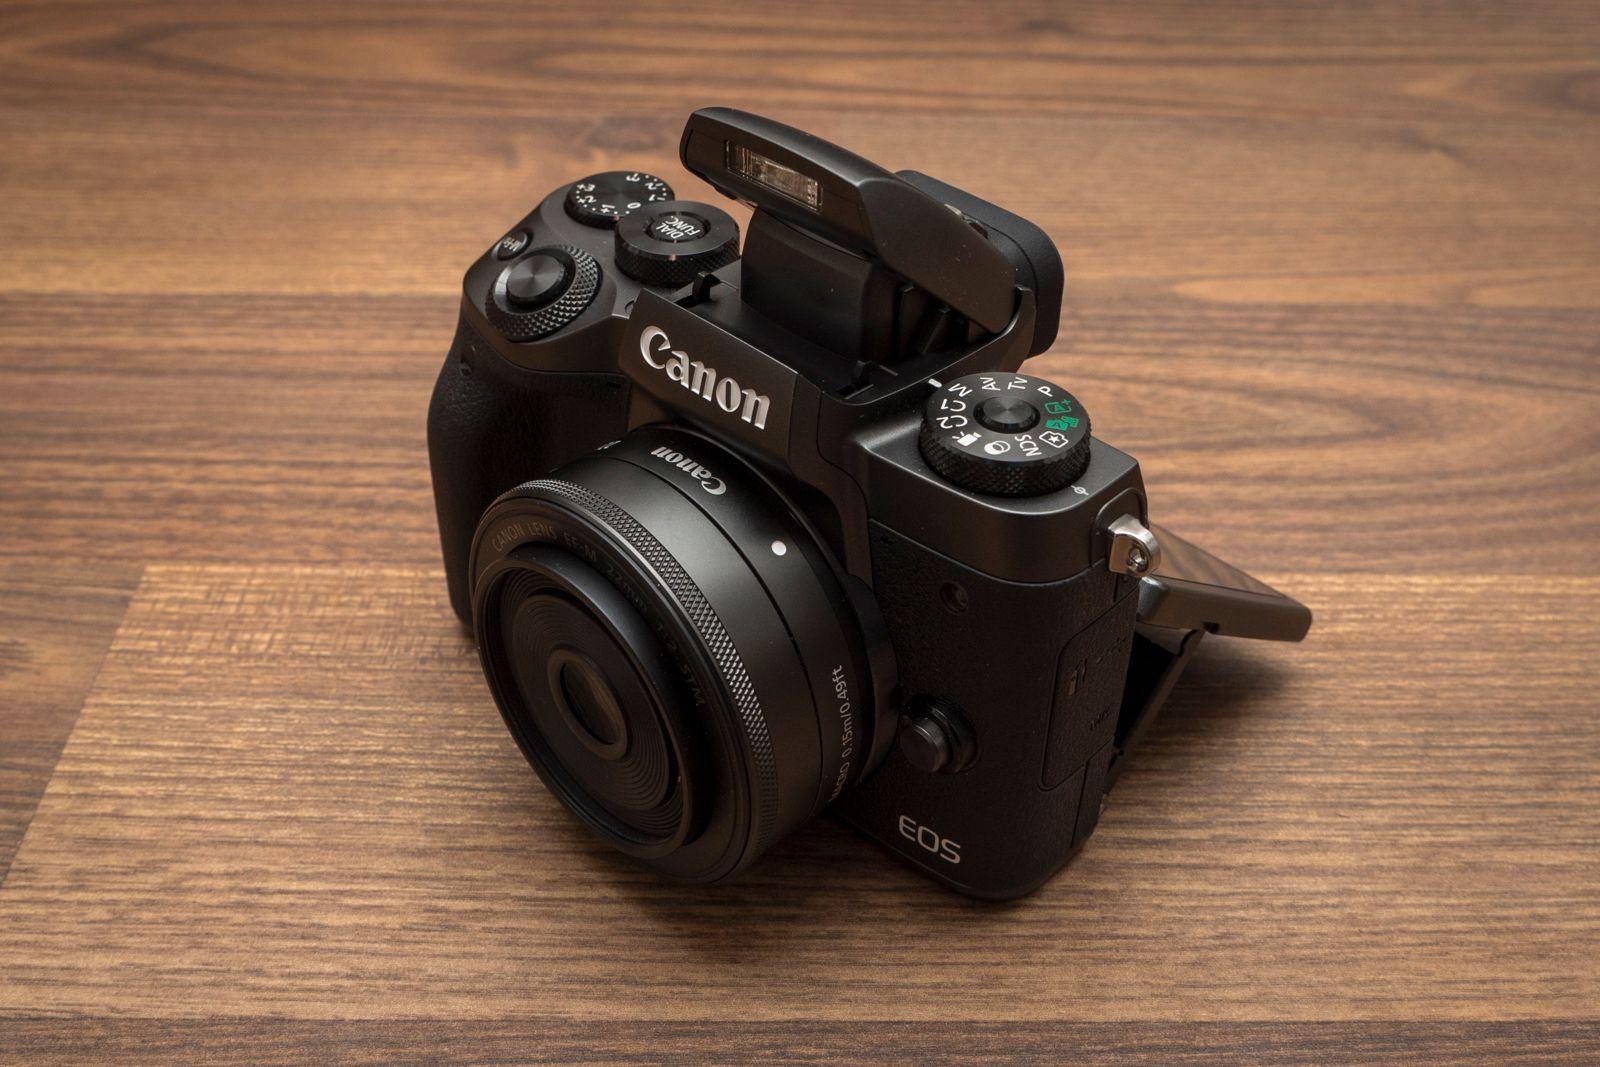 Canon EOS M5 er nok ikke det speilløse kameraet gamle Canon-veteraner har ventet på, men mer et kamera for interesserte nybegynnere. Og i det segmentet tror vi det kan klare seg bra.